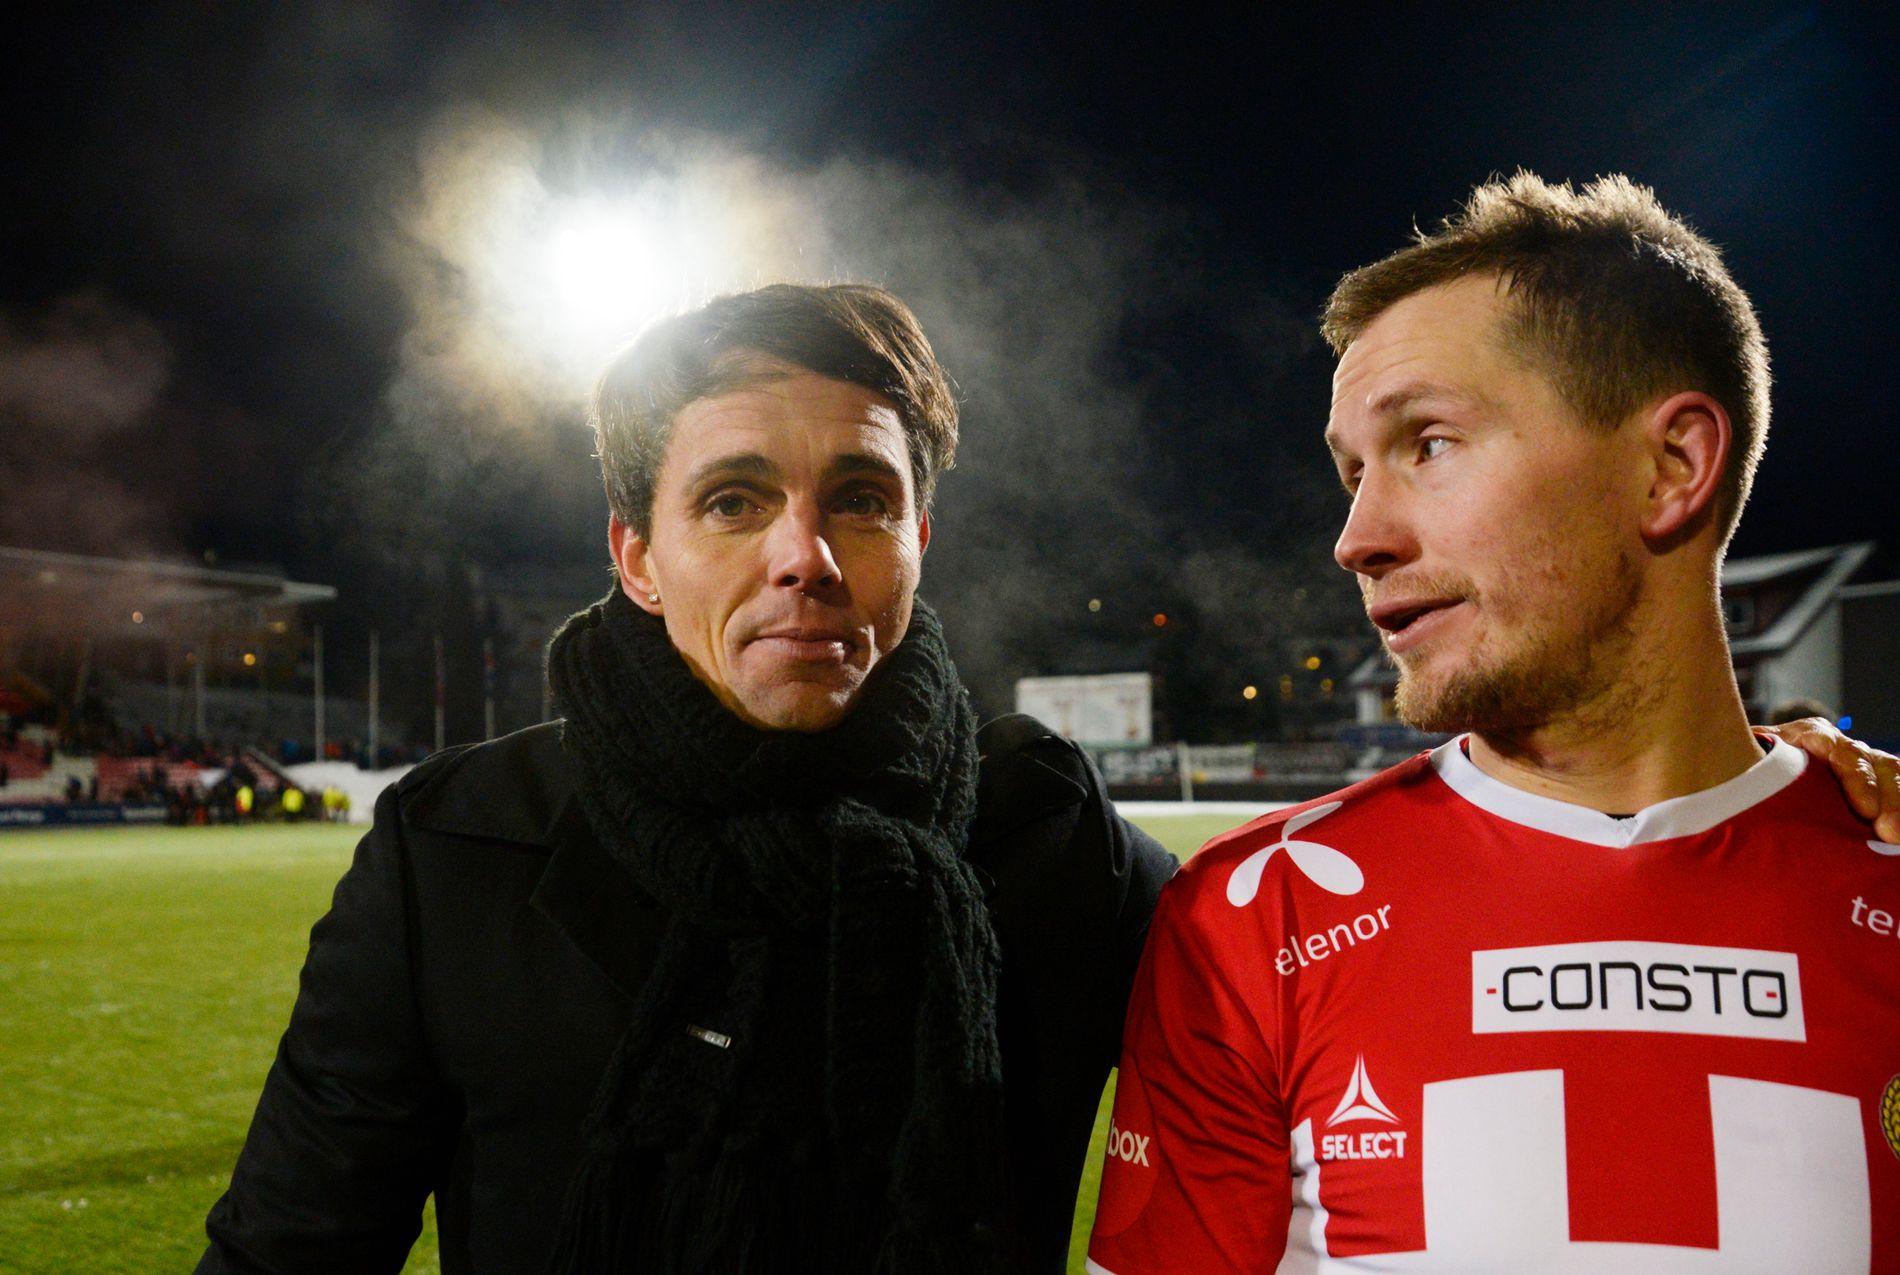 RØDE TALL: Tromsø har økonomiske problemer og må selge spillere. Her representert ved trener Simo Valakari og veteran Morten Gamst Pedersen, som ble solgt fra TIL til Blackburn for 31 millioner i 2004.